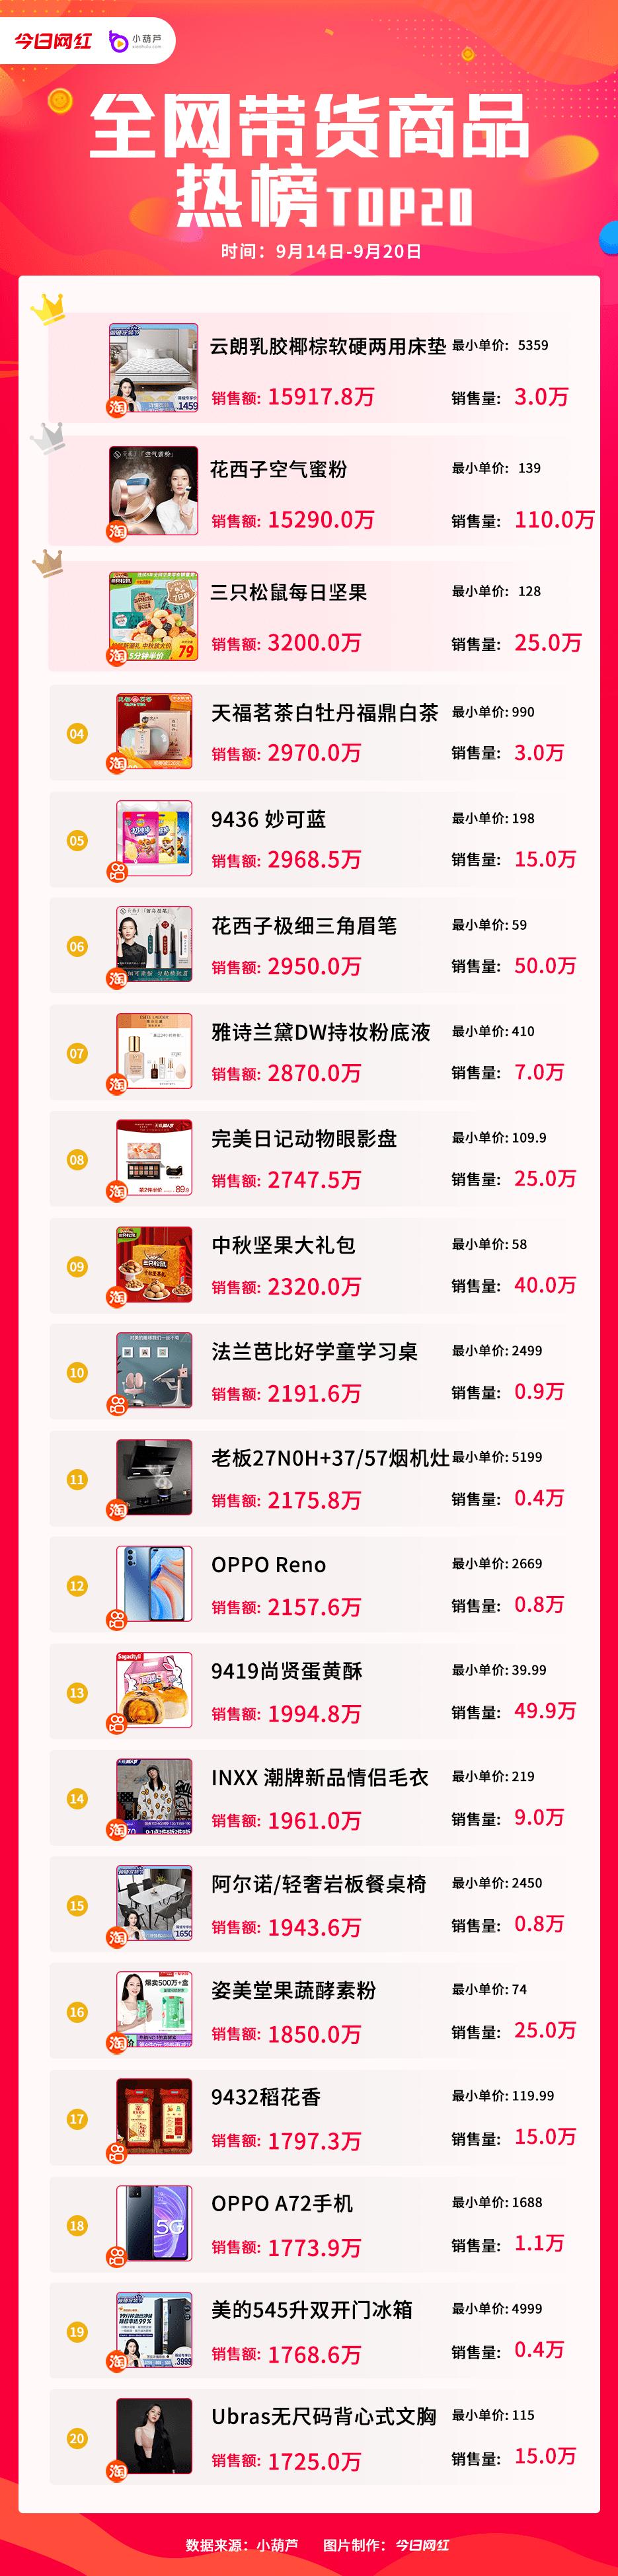 带货周榜 | 11位主播销售额破亿,薇娅7.59亿夺冠: